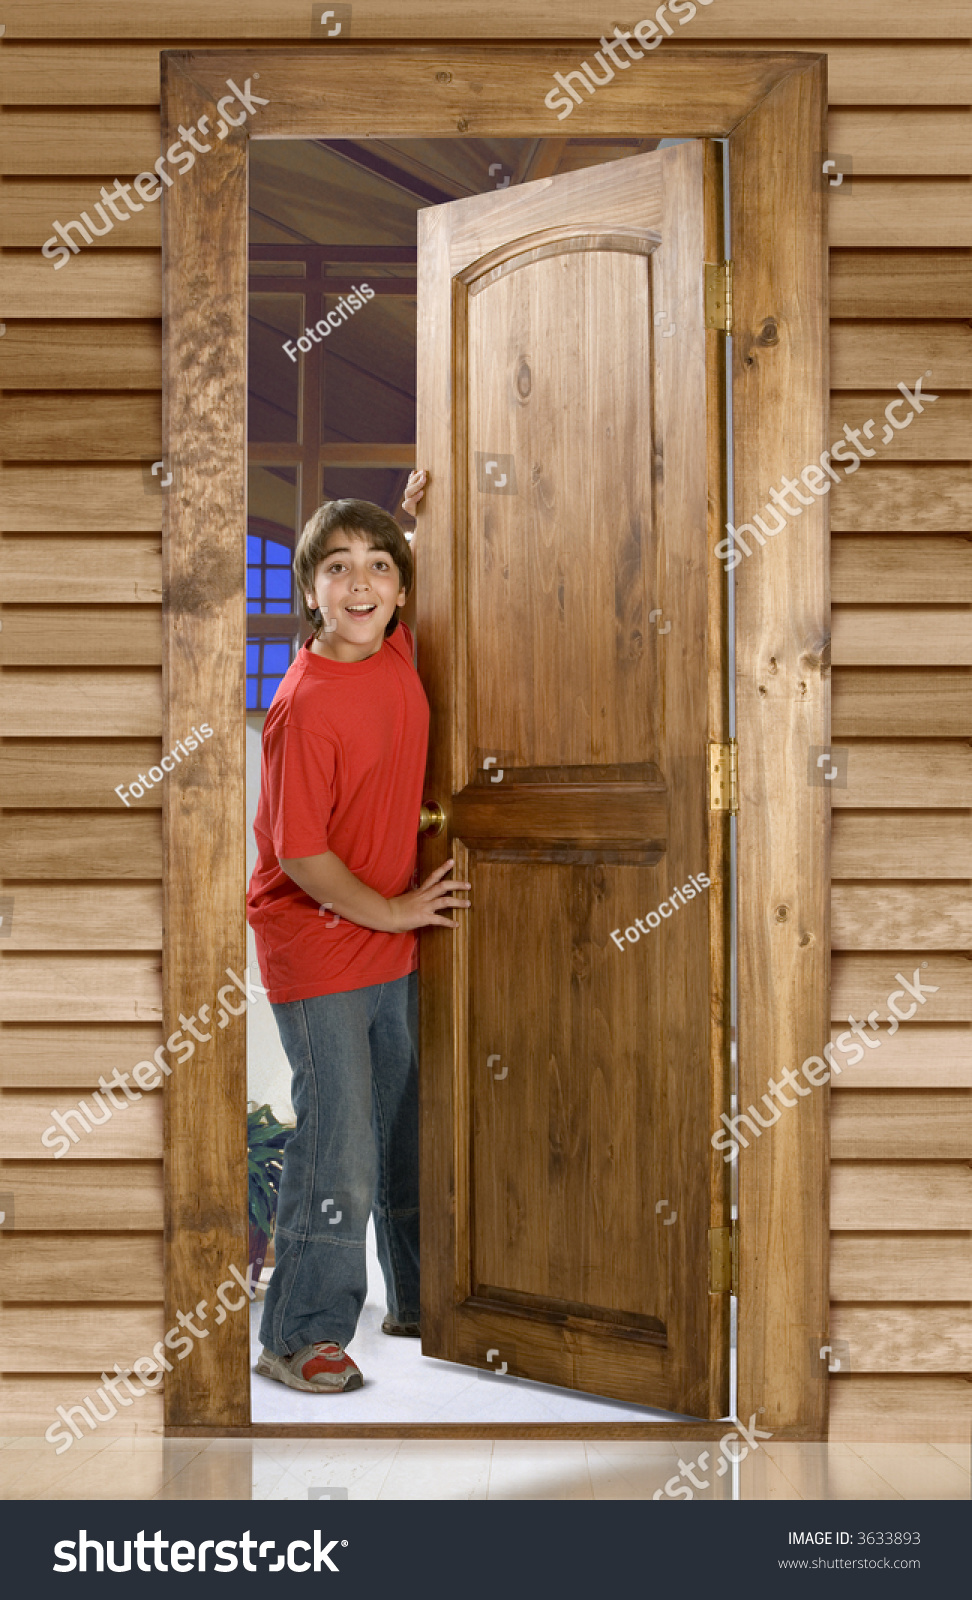 Boy Opening Wooden Door Front His Stock Photo 3633893